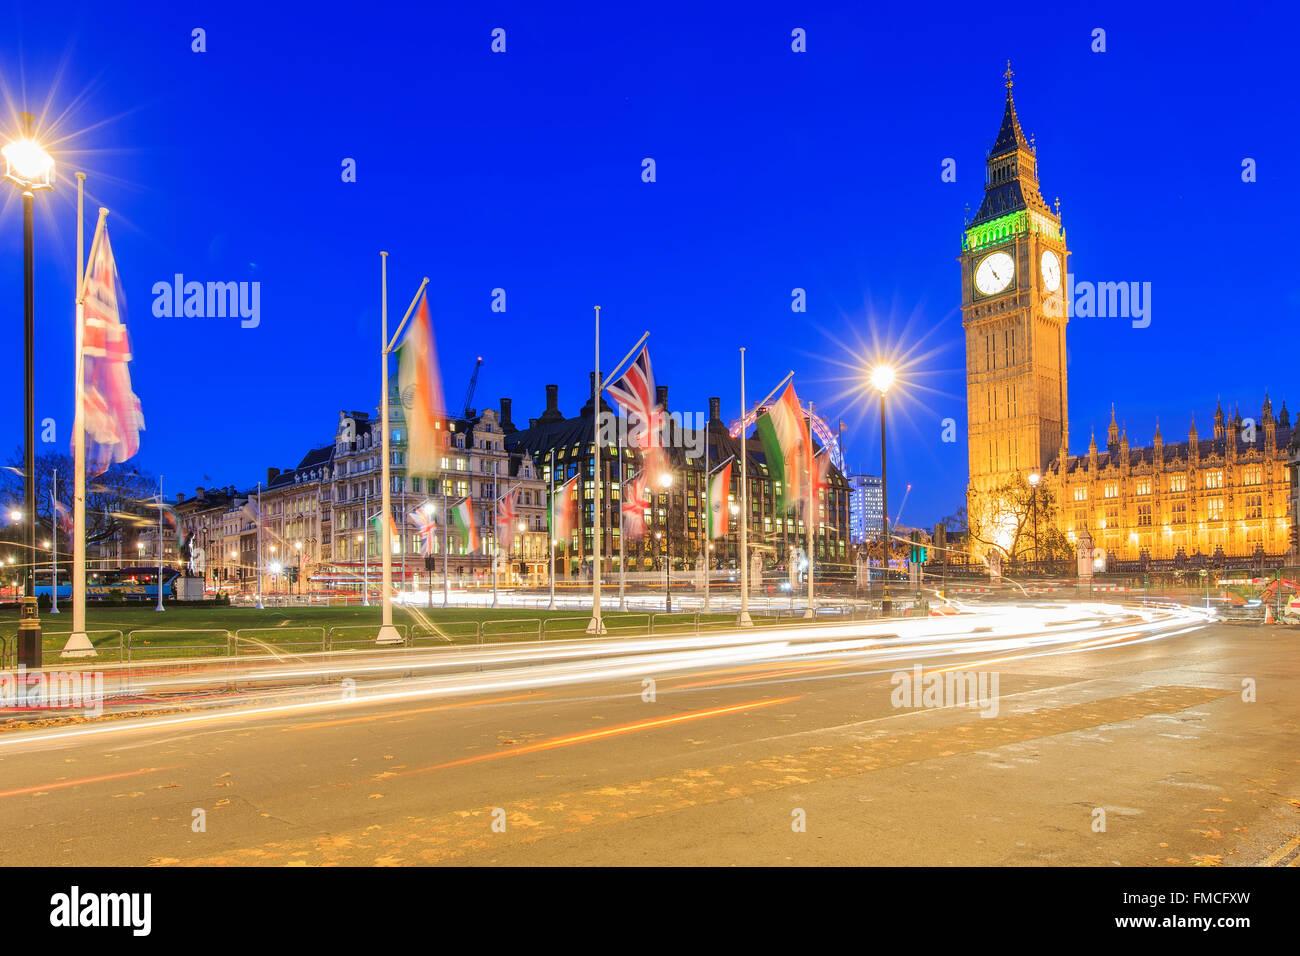 Voyageant dans le célèbre Big Ben, London, Royaume-Uni autour de Twilight Photo Stock